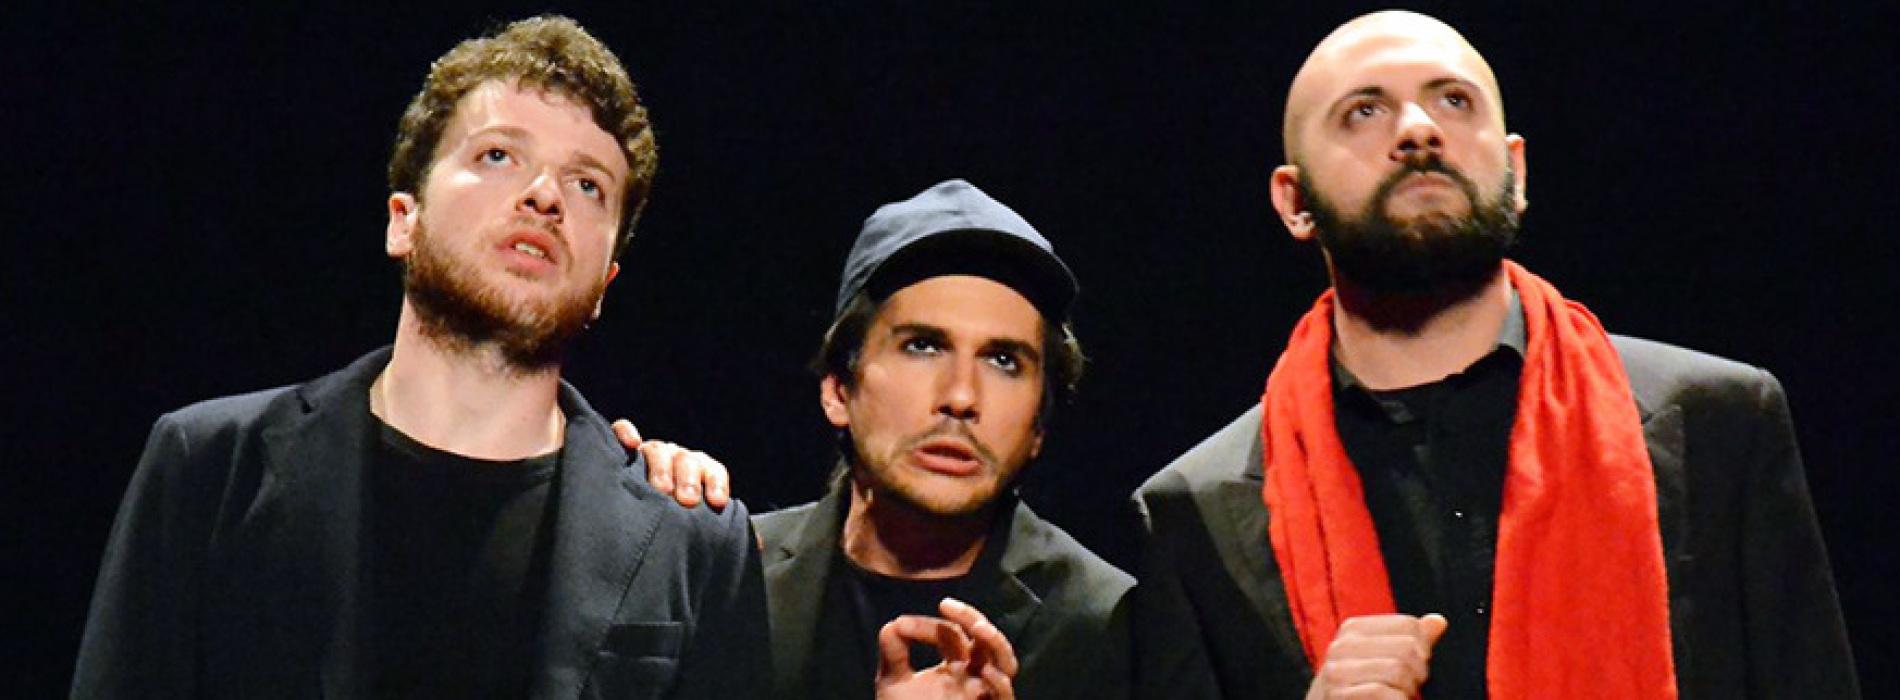 Napoli. Teatro Elicantropo, va in scena L'Attore manifesto